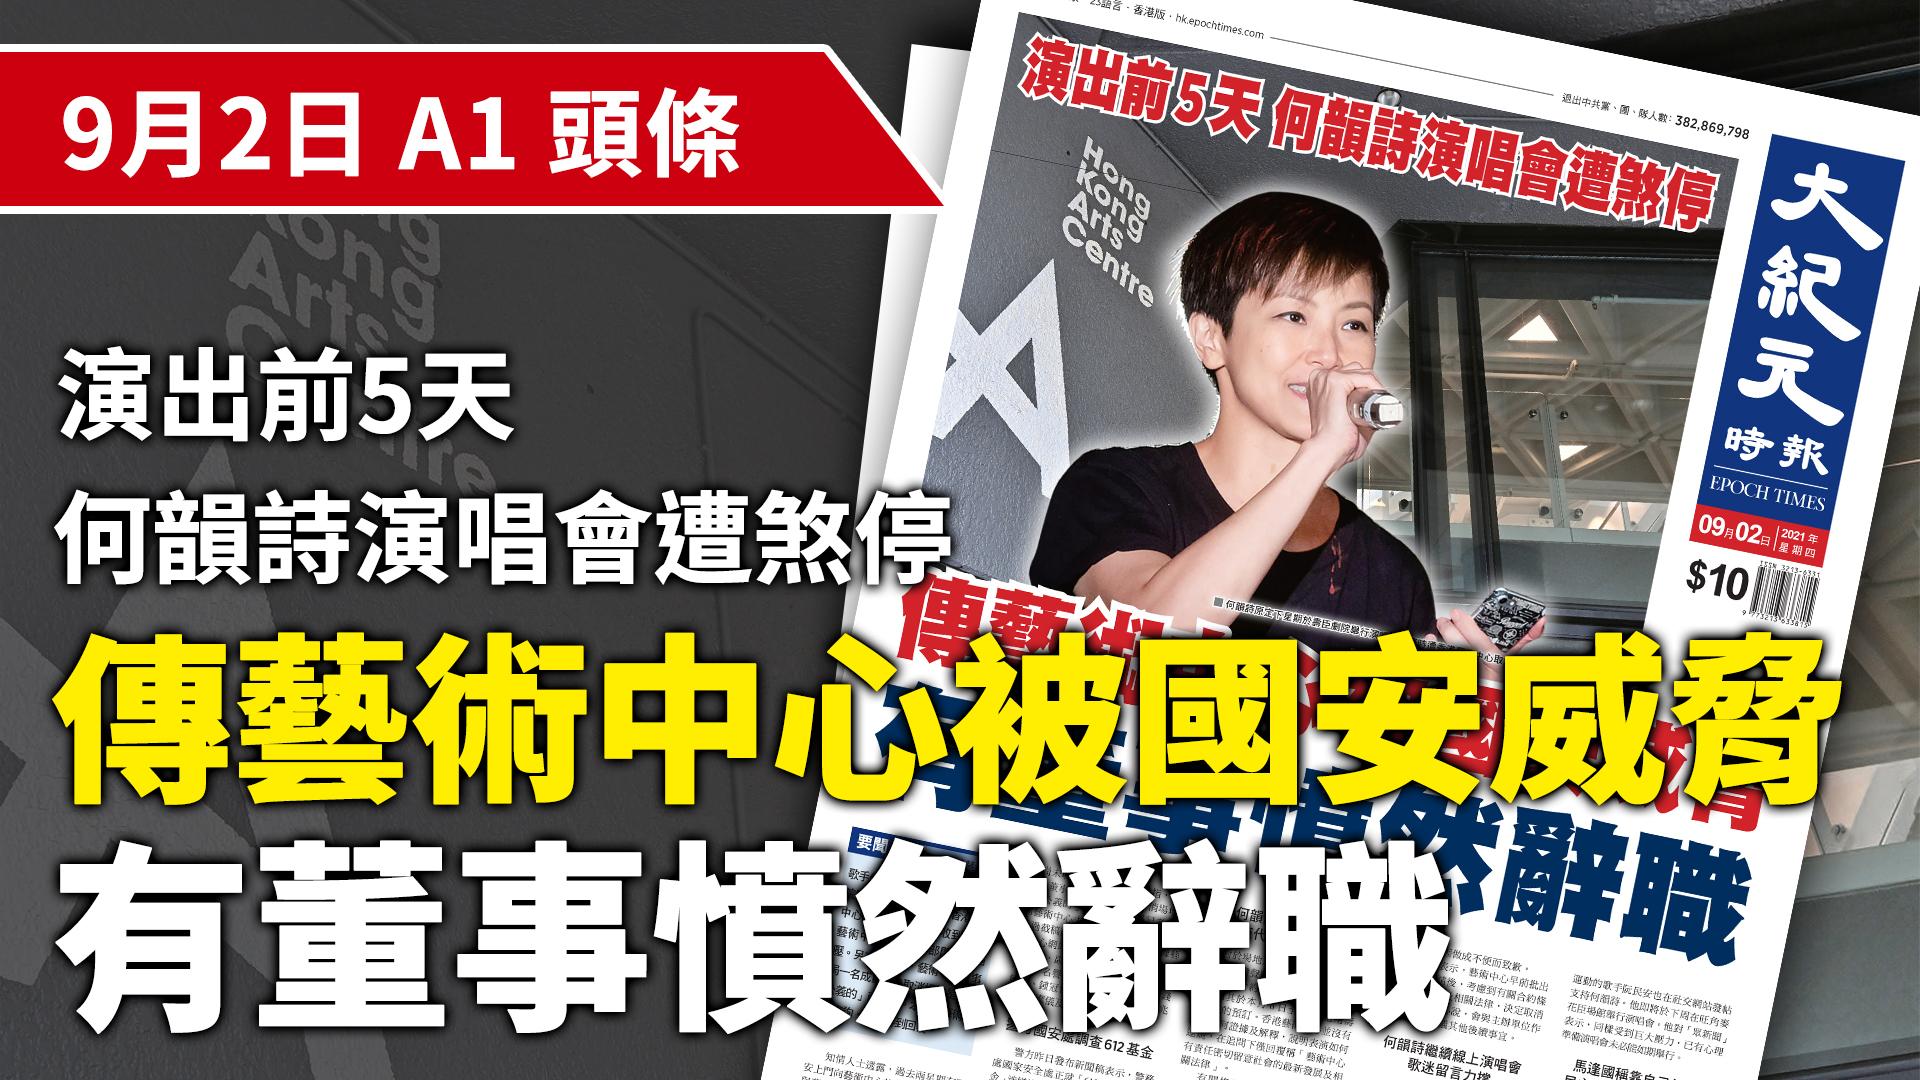 何韻詩原定下星期於壽臣劇院舉行演唱會,臨時遭香港藝術中心取消場地。(宋碧龍/大紀元)